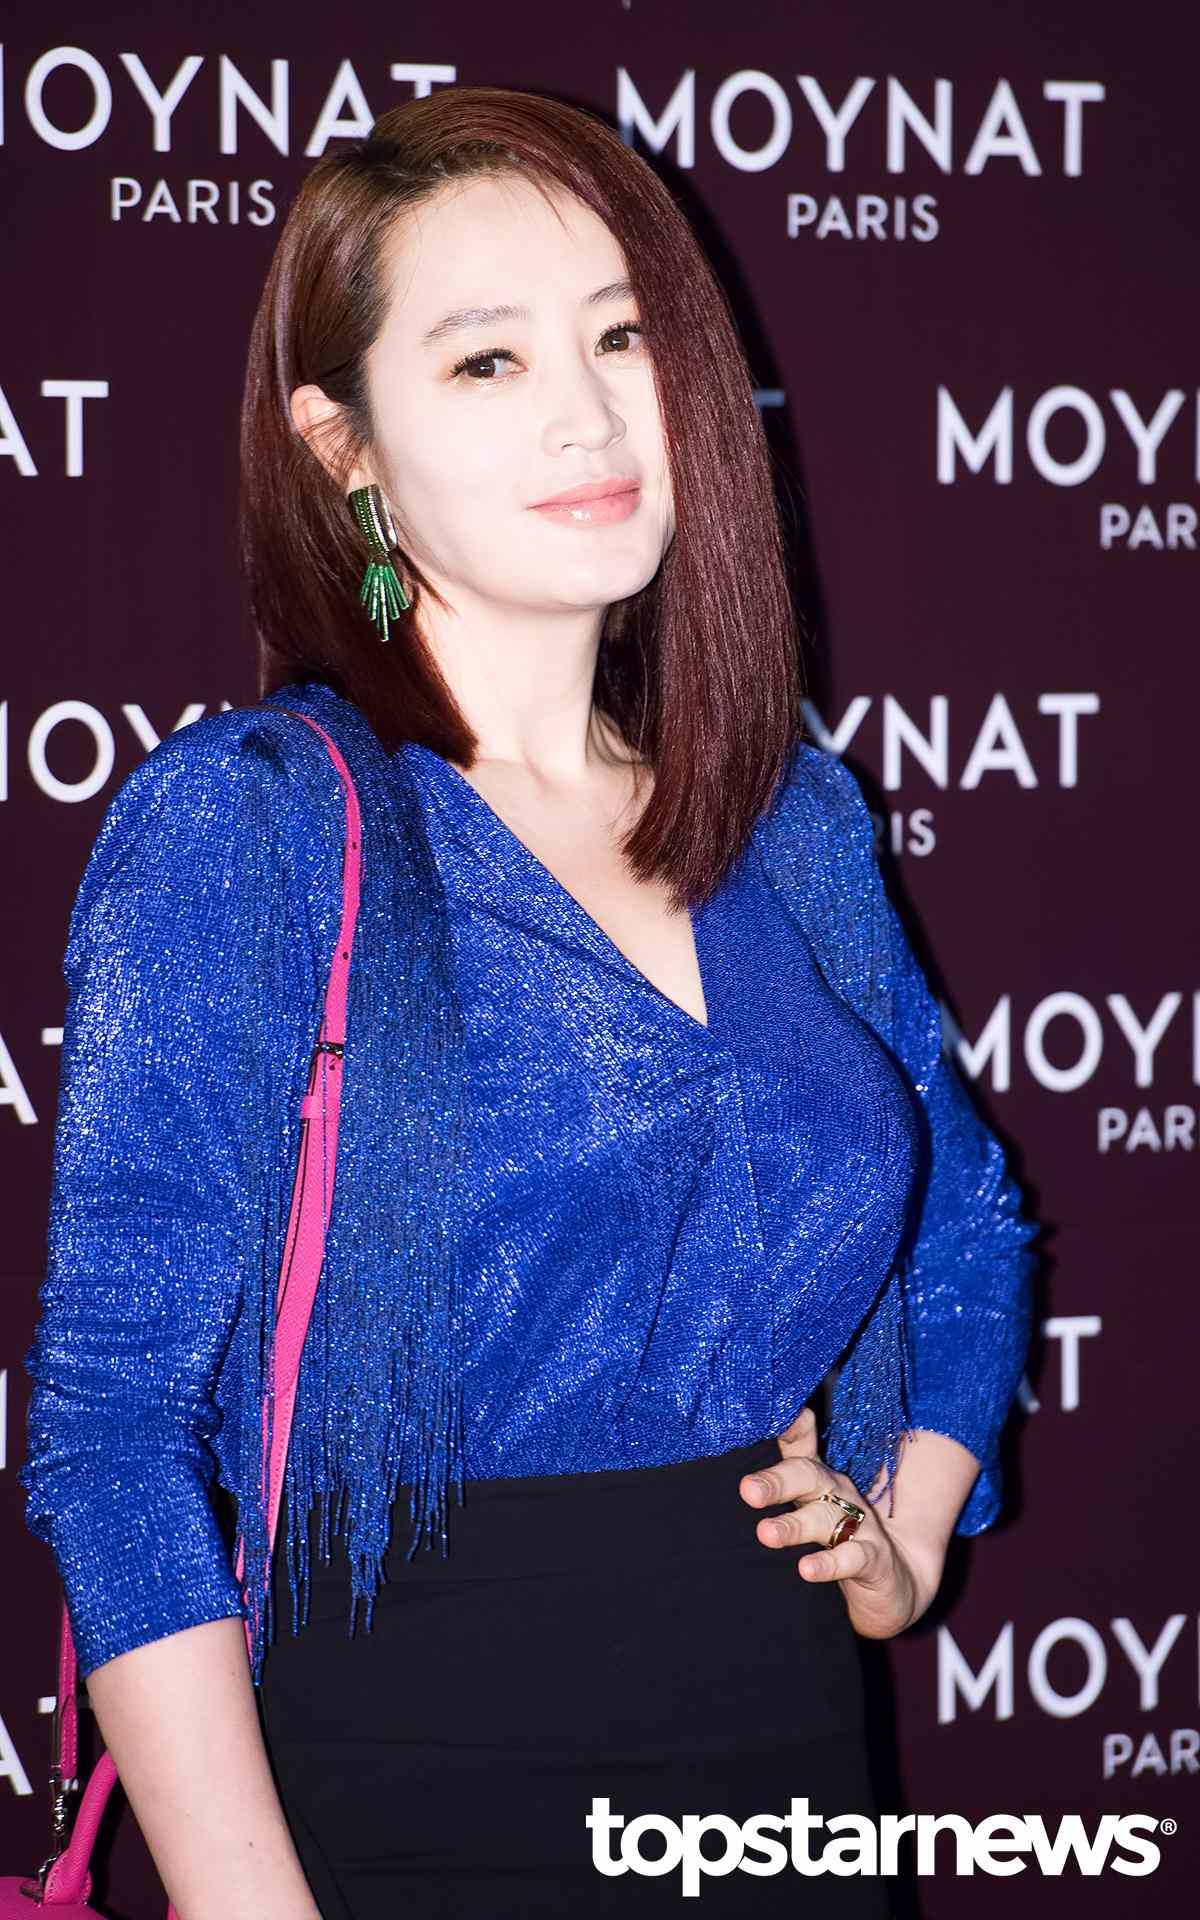 金惠秀 因為《Signal》、《神偷大劫案》等知名電視劇和電影,而被台灣觀眾熟知的演技派女演員-金惠秀,總是以一頭短髮示人的金惠秀,往往也給人強勢的感覺,但其實她的個性相當溫柔呢!而金惠秀曾在2006年與男演員柳海真傳出熱戀的消息,但那時雙方並未承認,直到被韓國媒體拍到進出對方家中的照片,才在2010年認愛,但也火速在隔年就宣布分手了。但兩人依舊是維持著好朋友的關係。